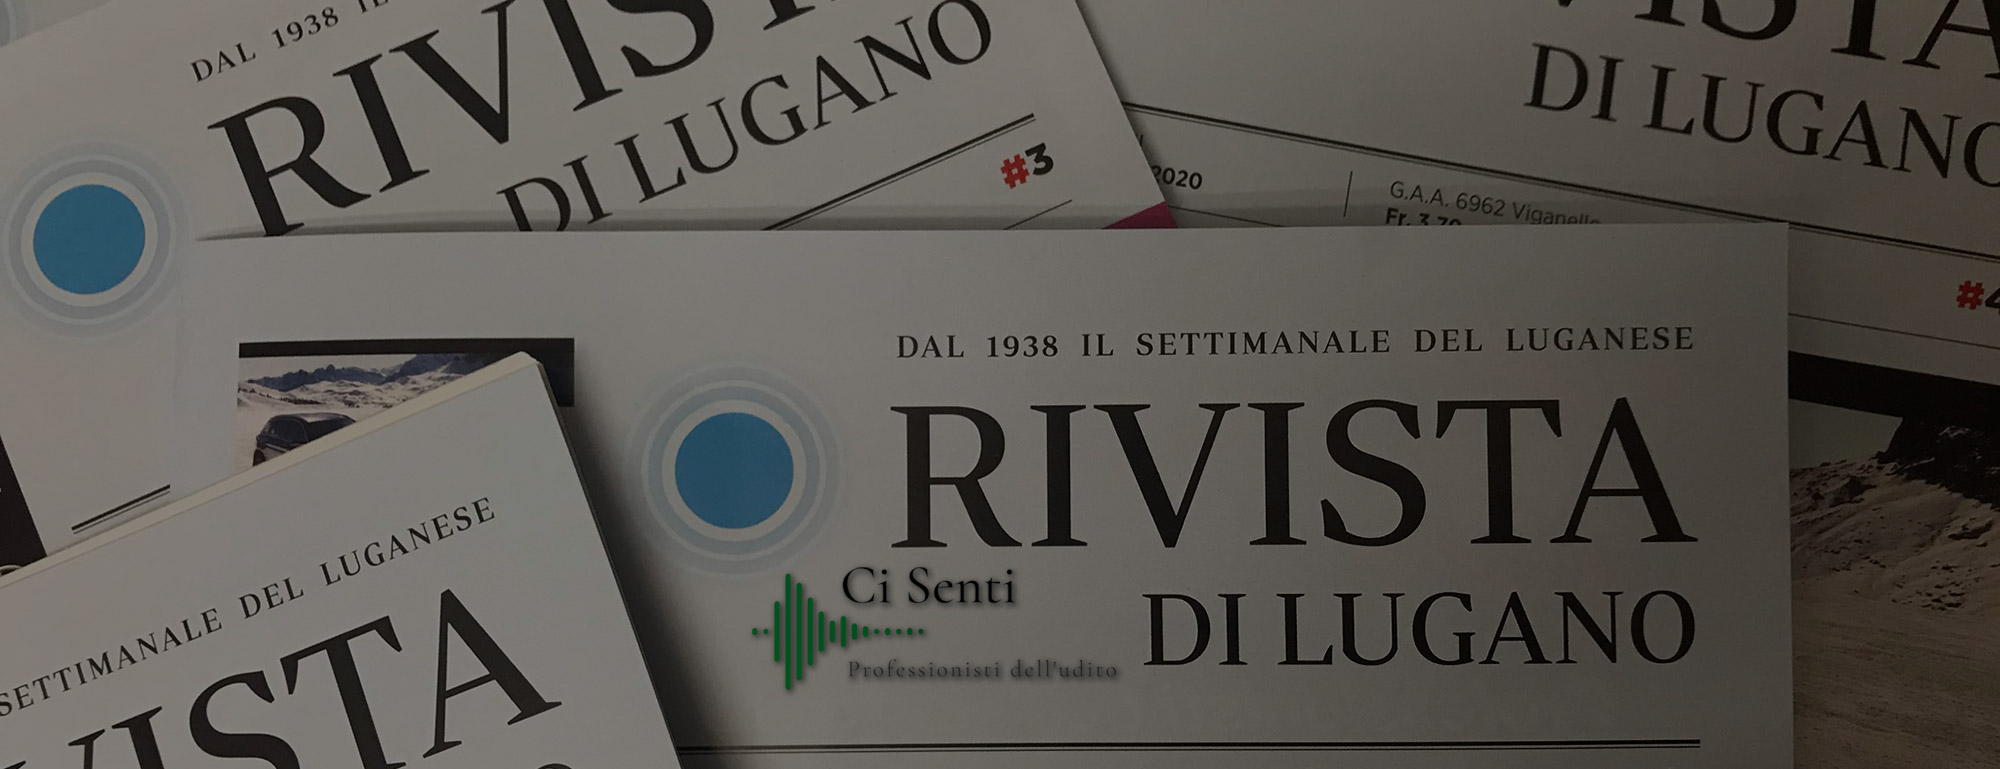 Inserzione Ci Senti sulla Rivista di Lugano